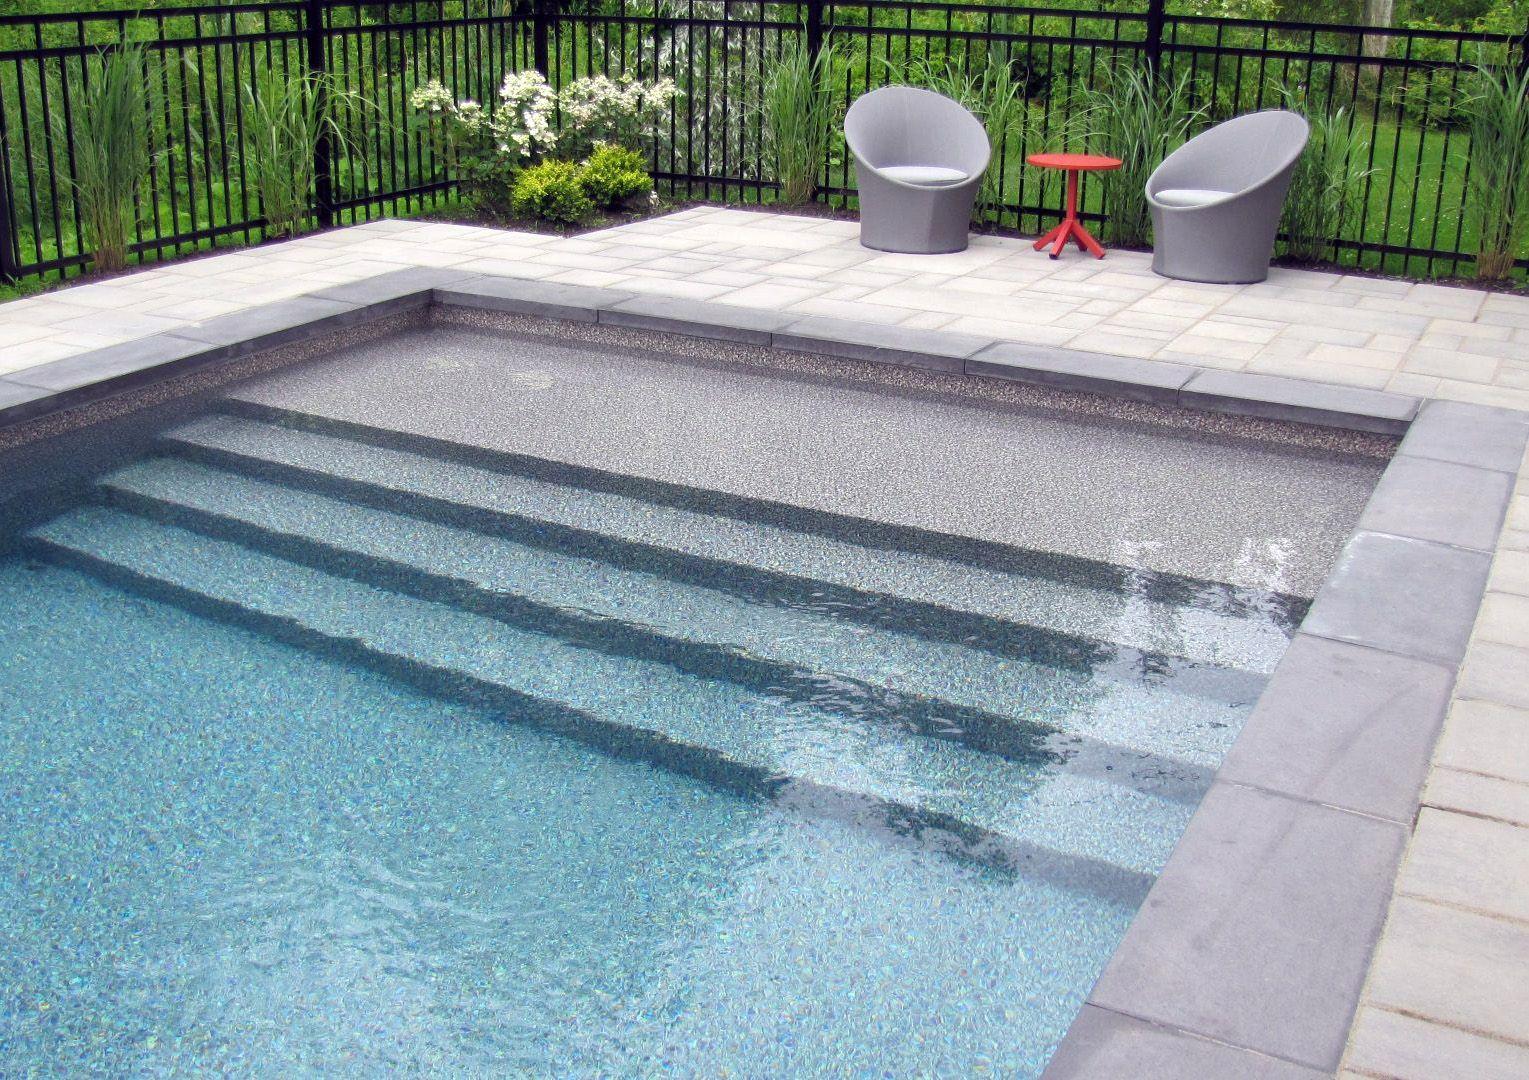 Splendide Entrée De Piscine Creusée. #piscine #creusee #pool ... pour Piscine Creusé